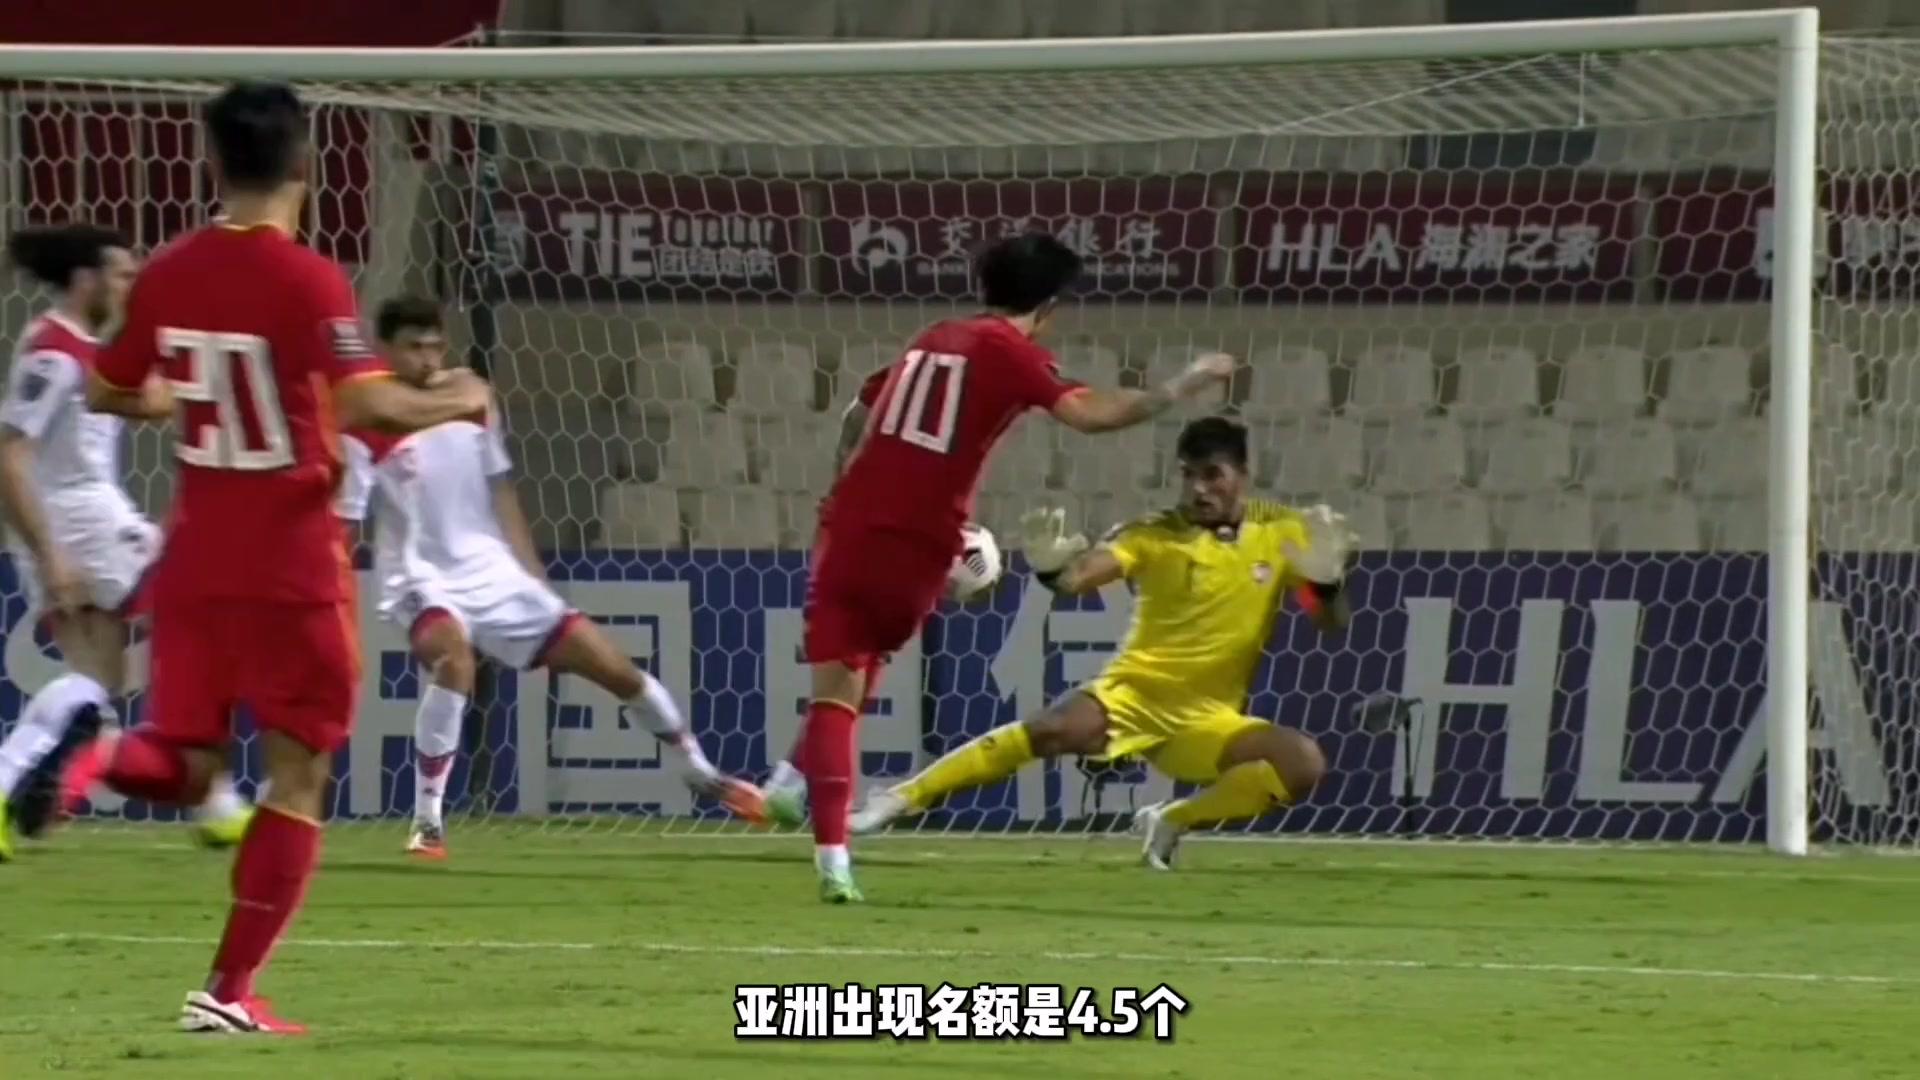 FIFA最新排名:国足2连败下滑4位 世界第75亚洲第9